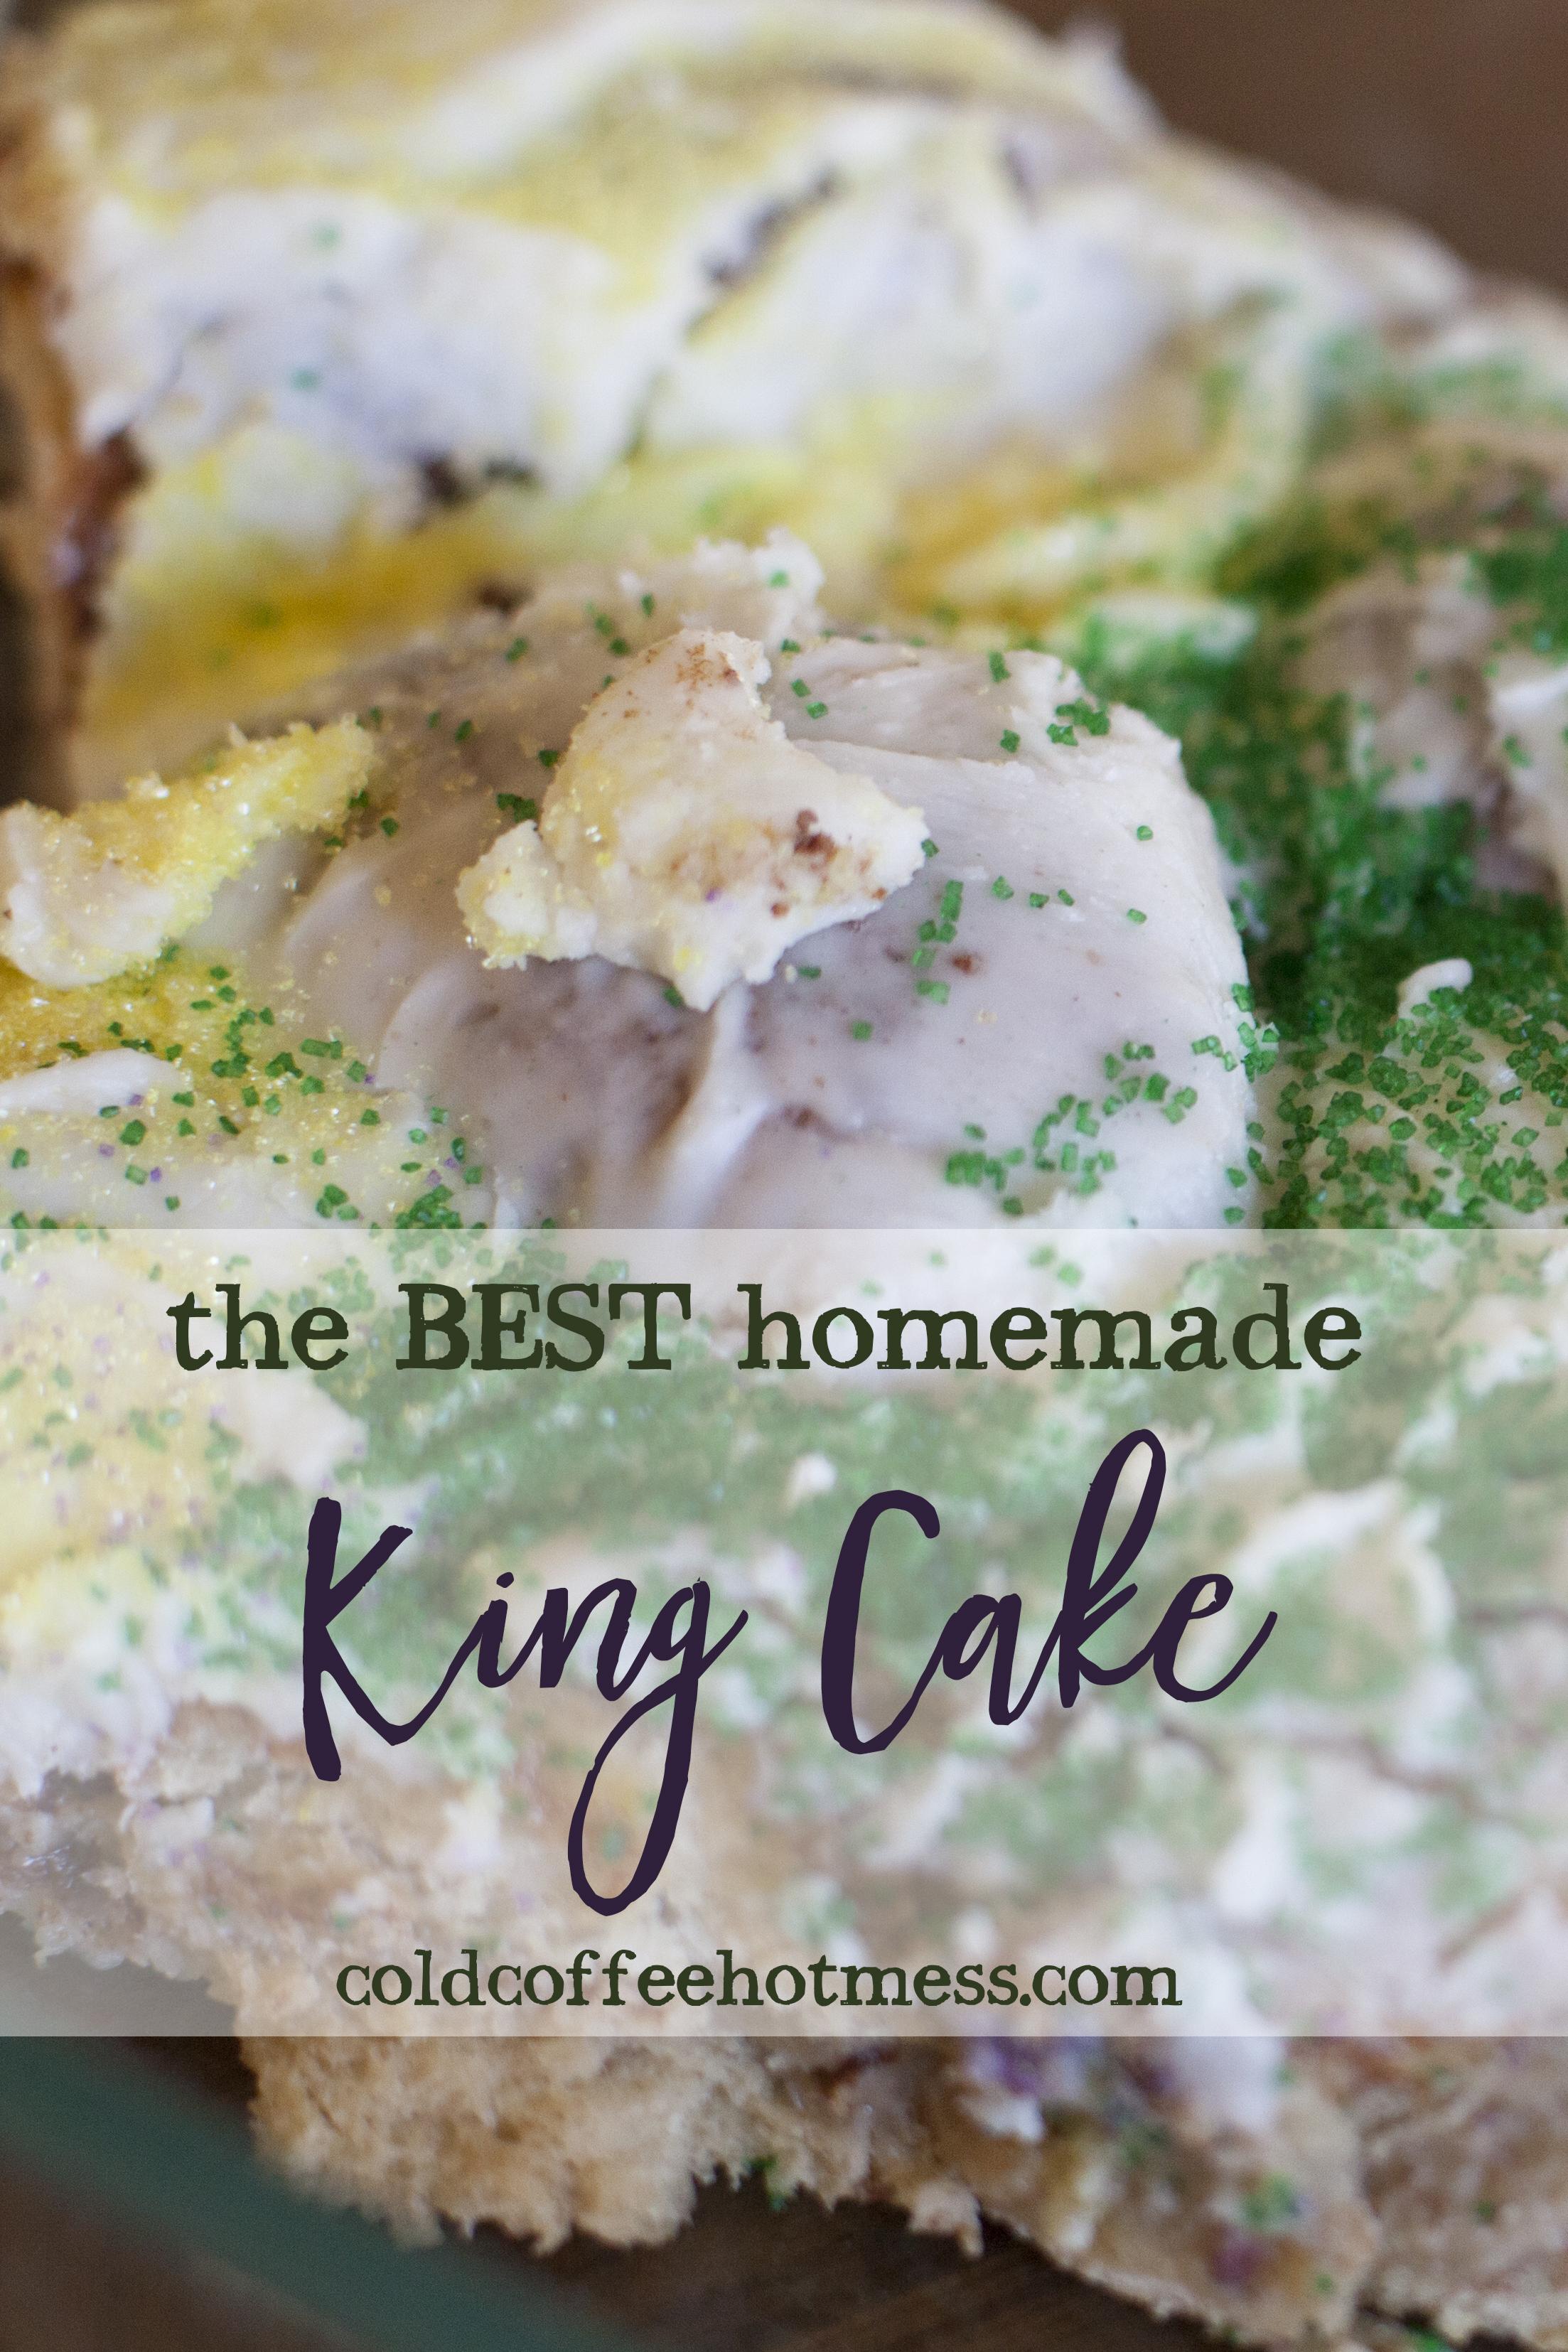 best-homemade-kingcake.jpg